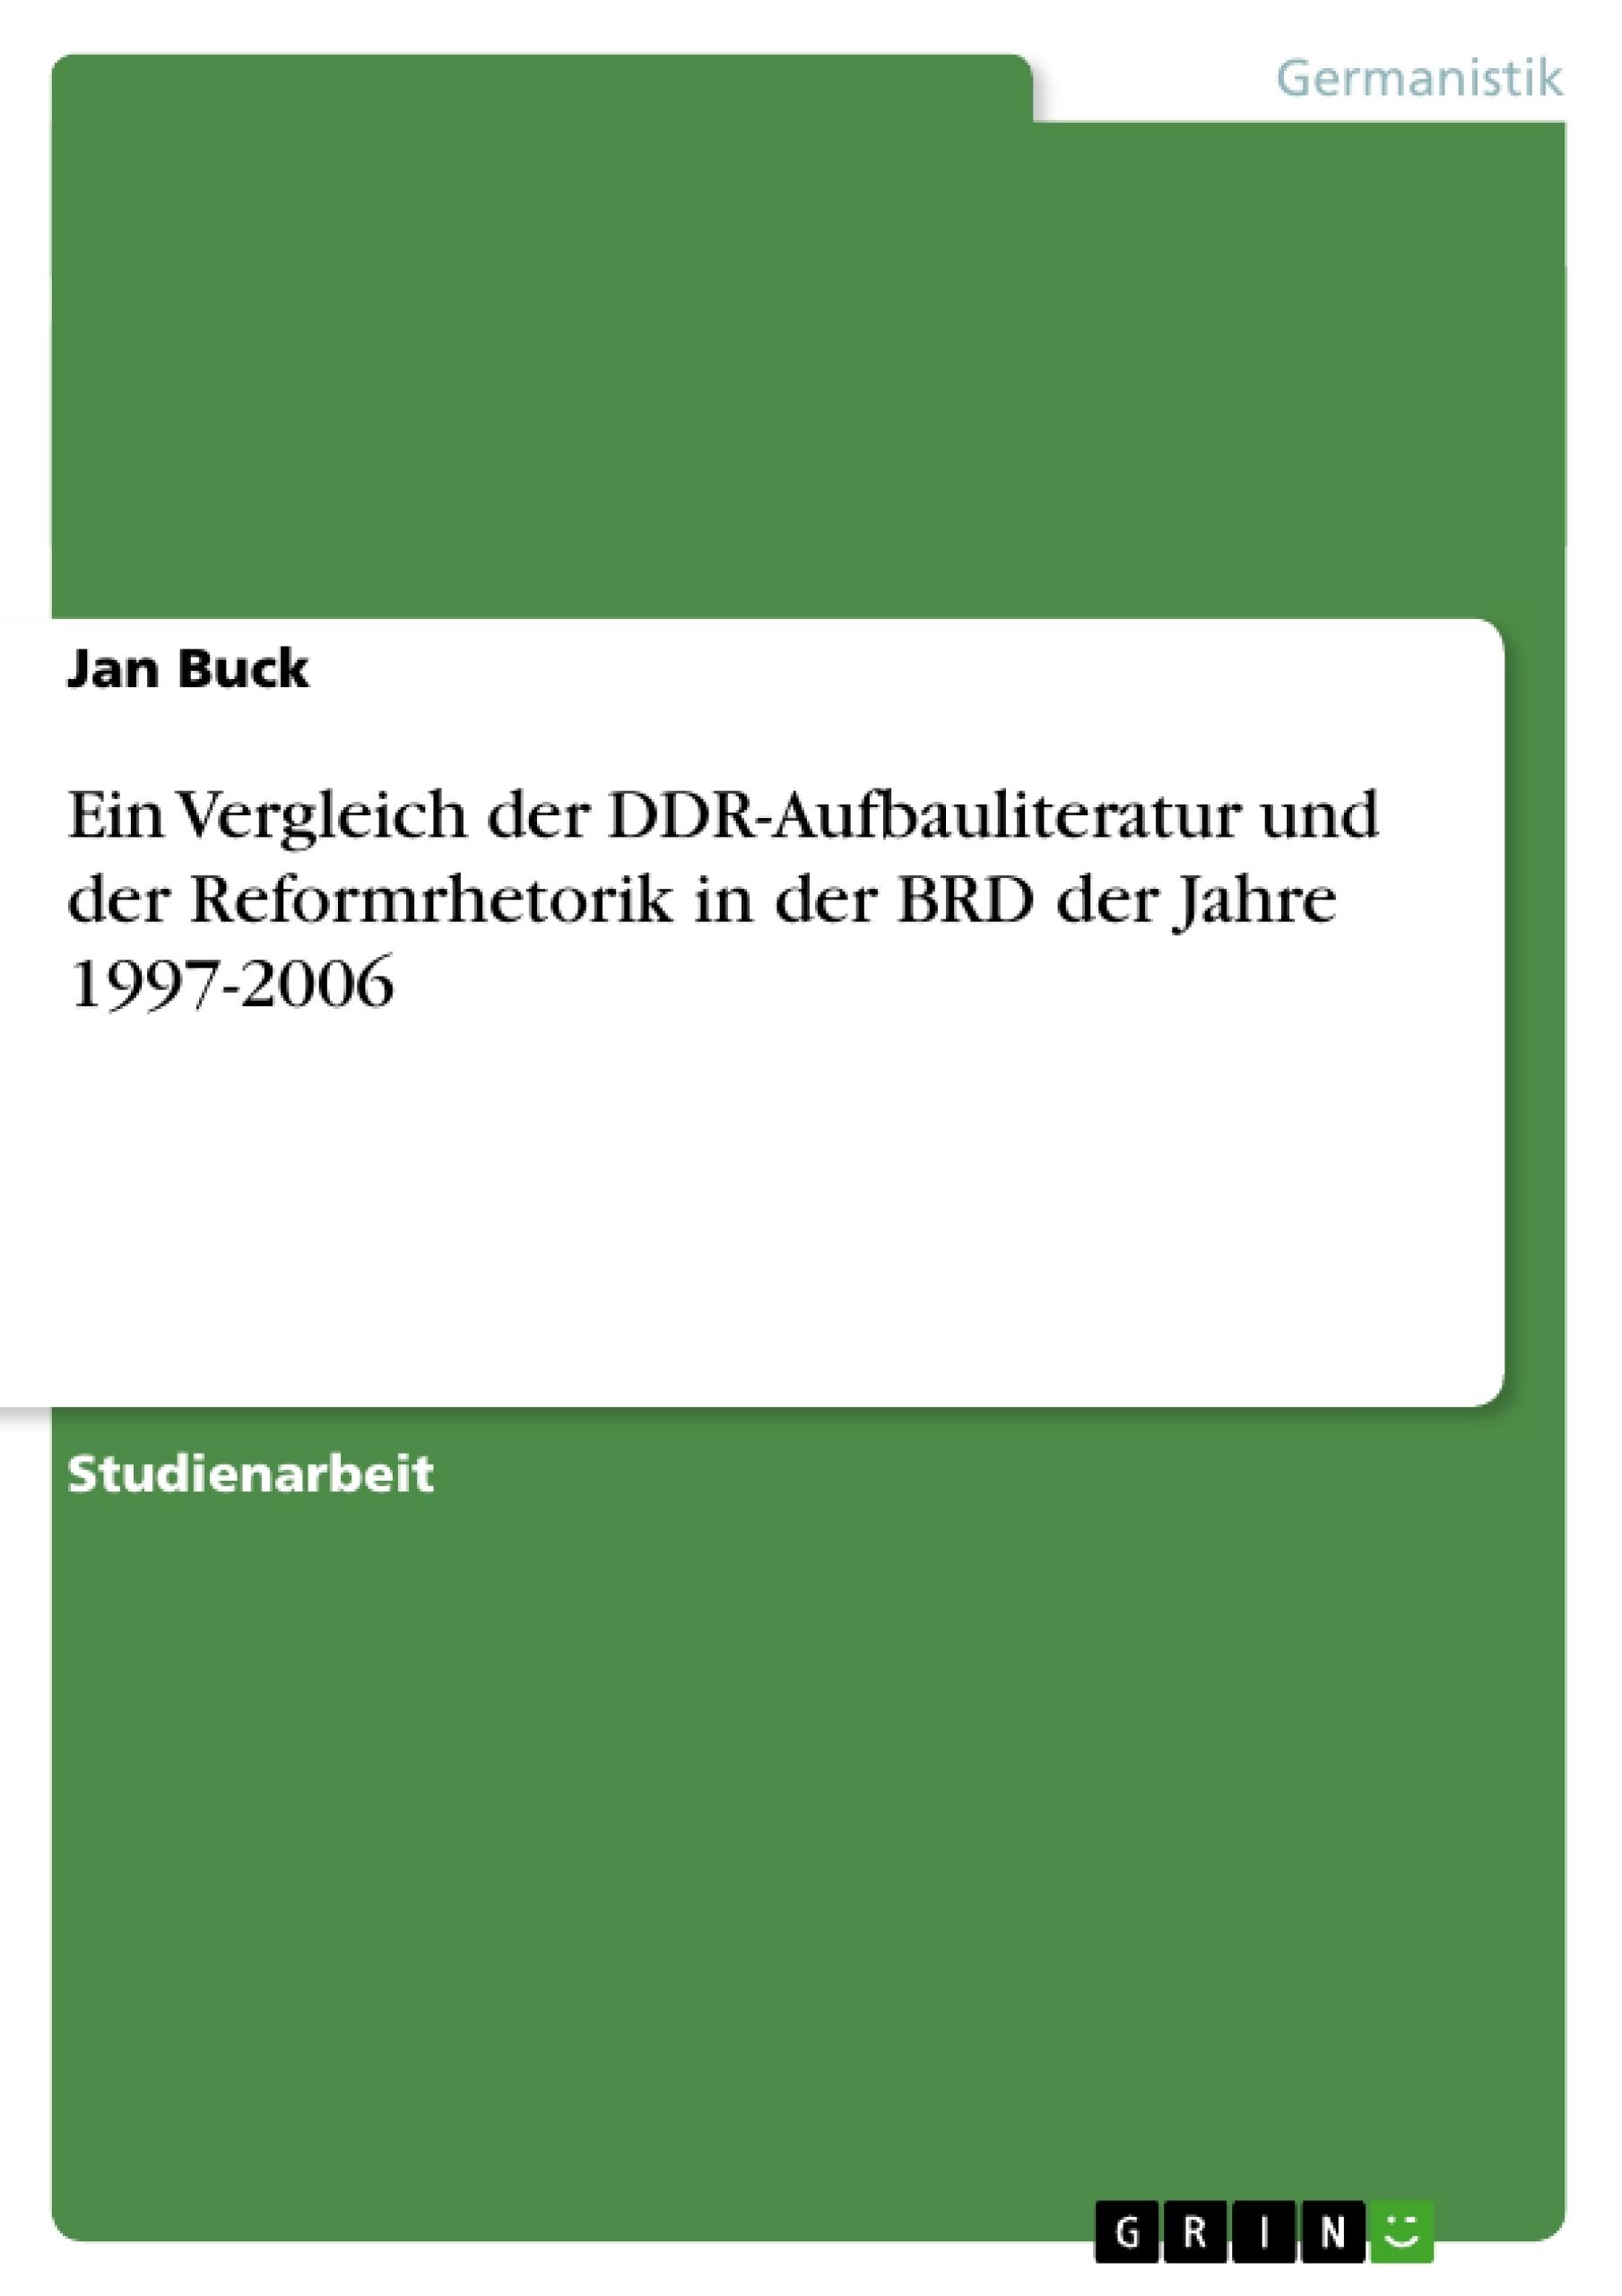 Titel: Ein Vergleich der DDR-Aufbauliteratur und der Reformrhetorik in der BRD der Jahre 1997-2006